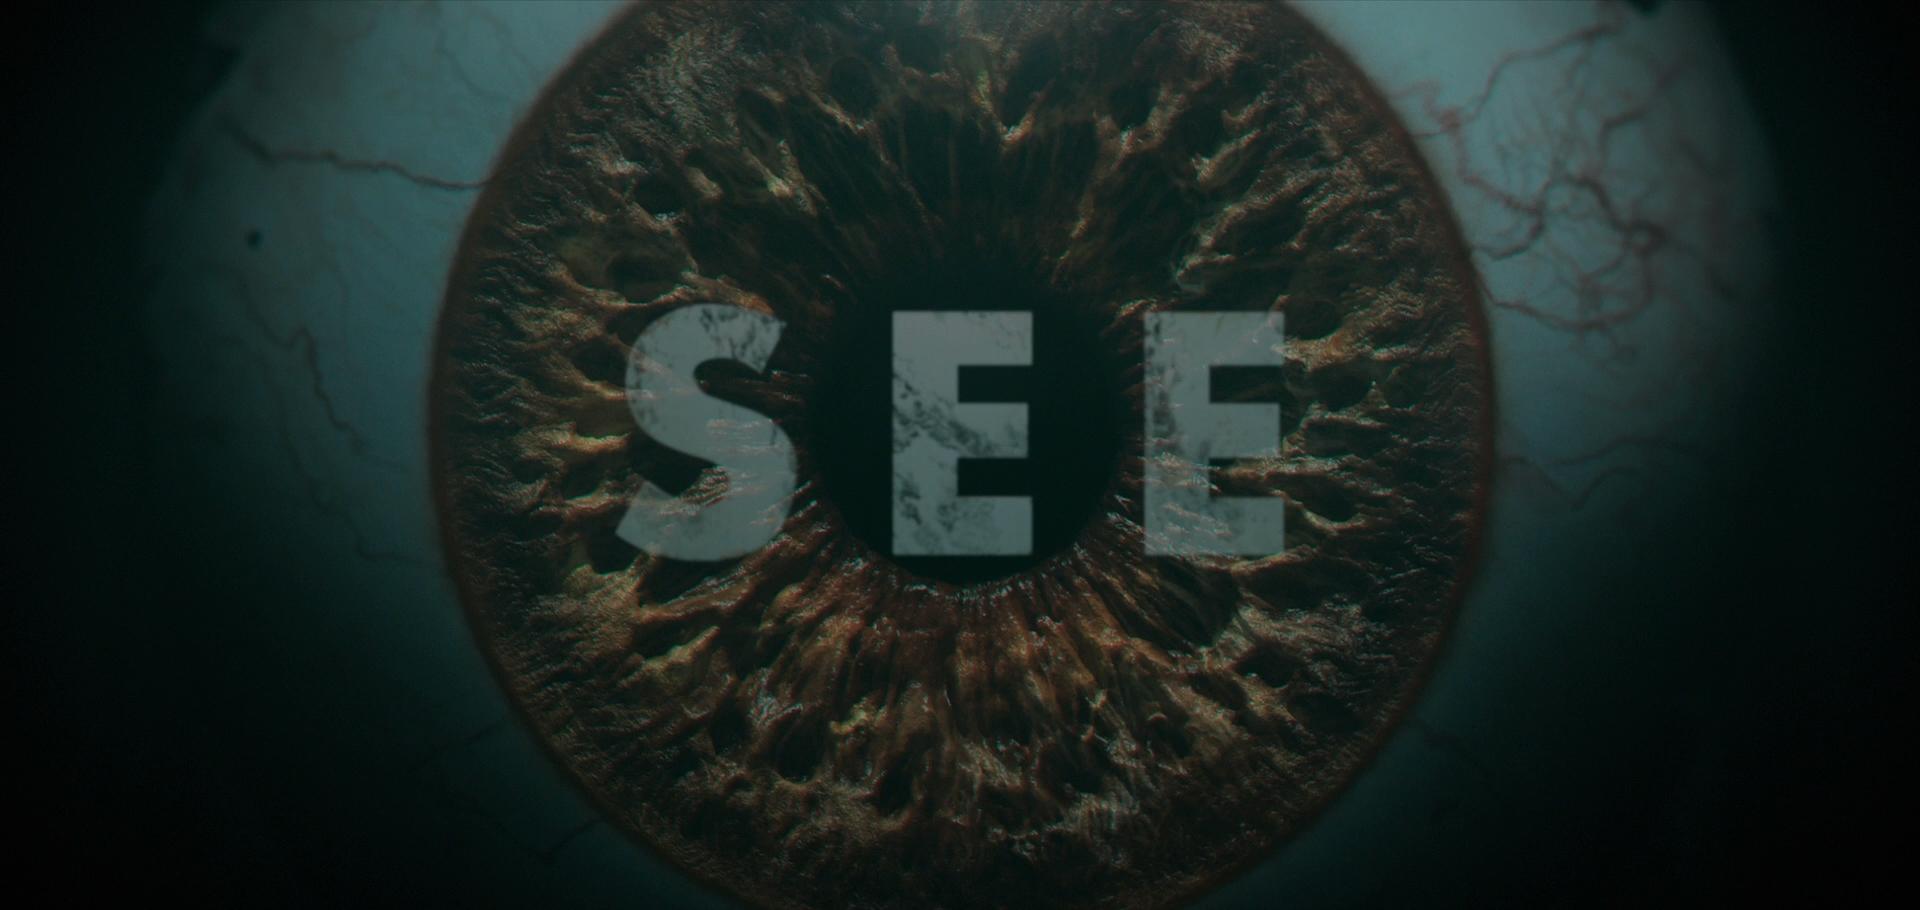 See Temporada 2 (2021) 1080p WEB-DL Latino